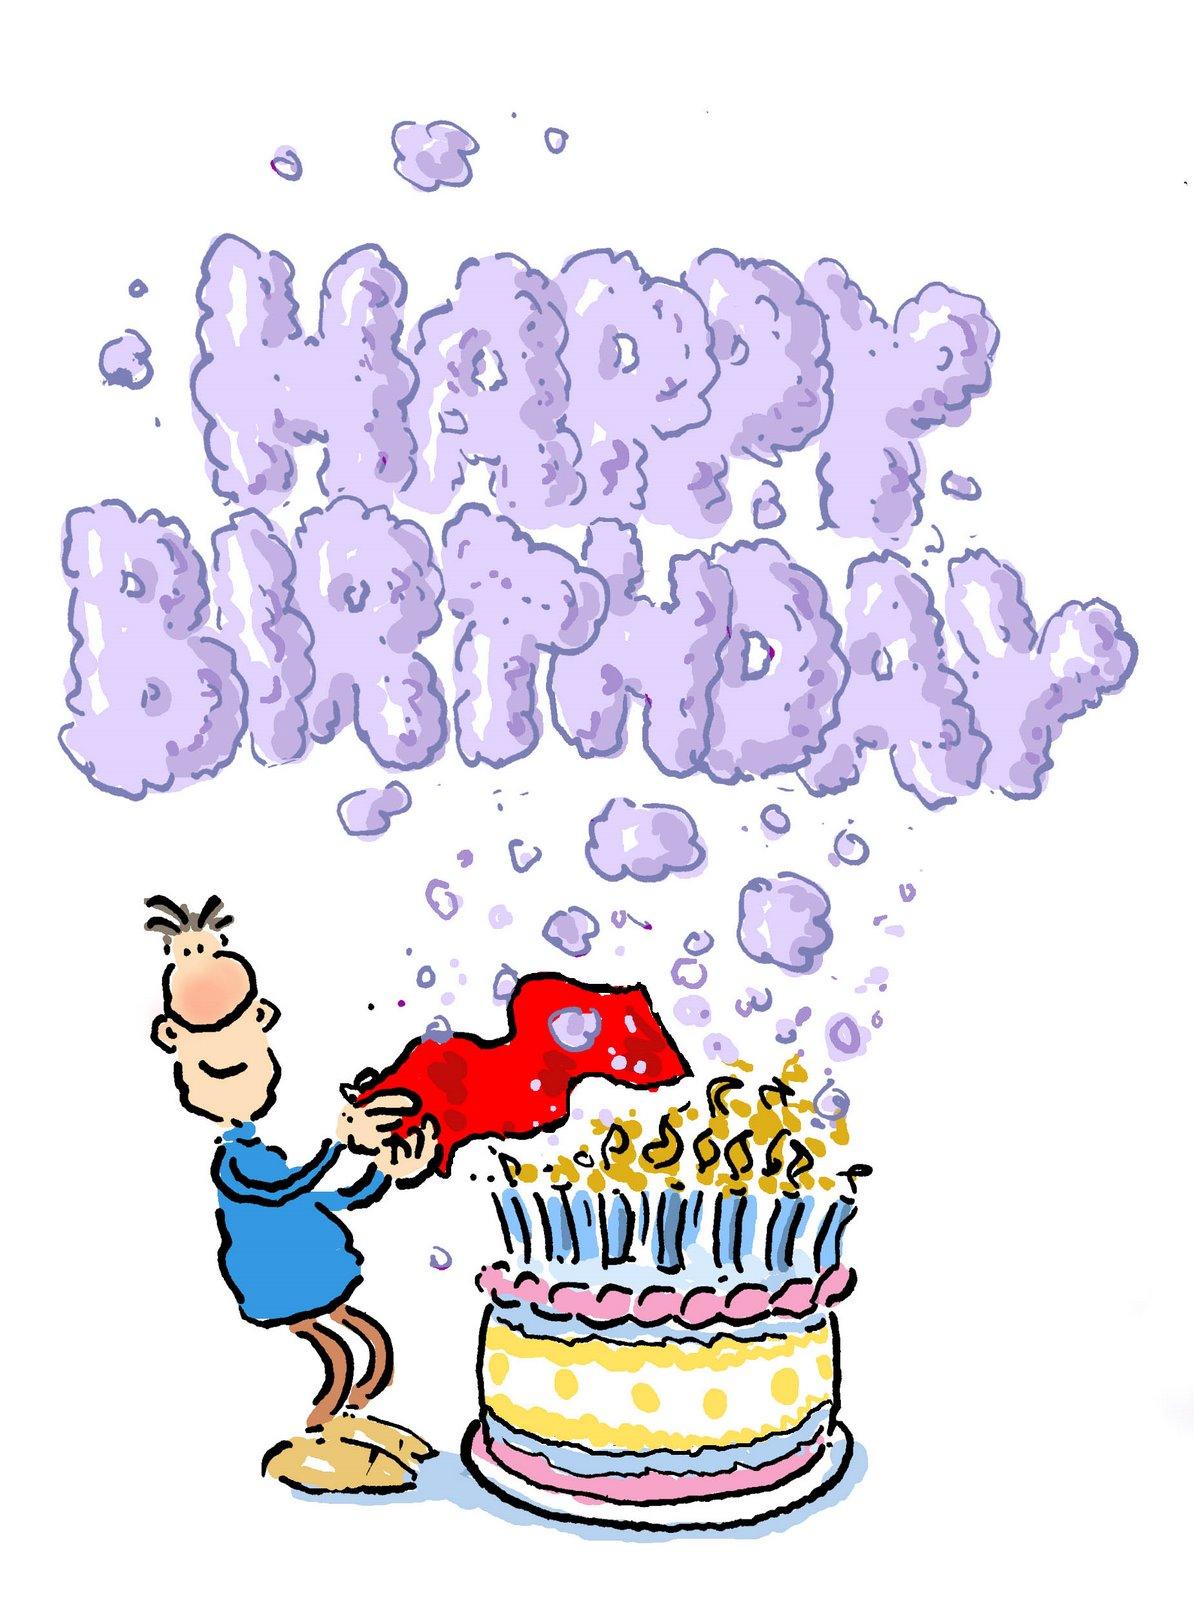 [Happy-Birthday.jpg]